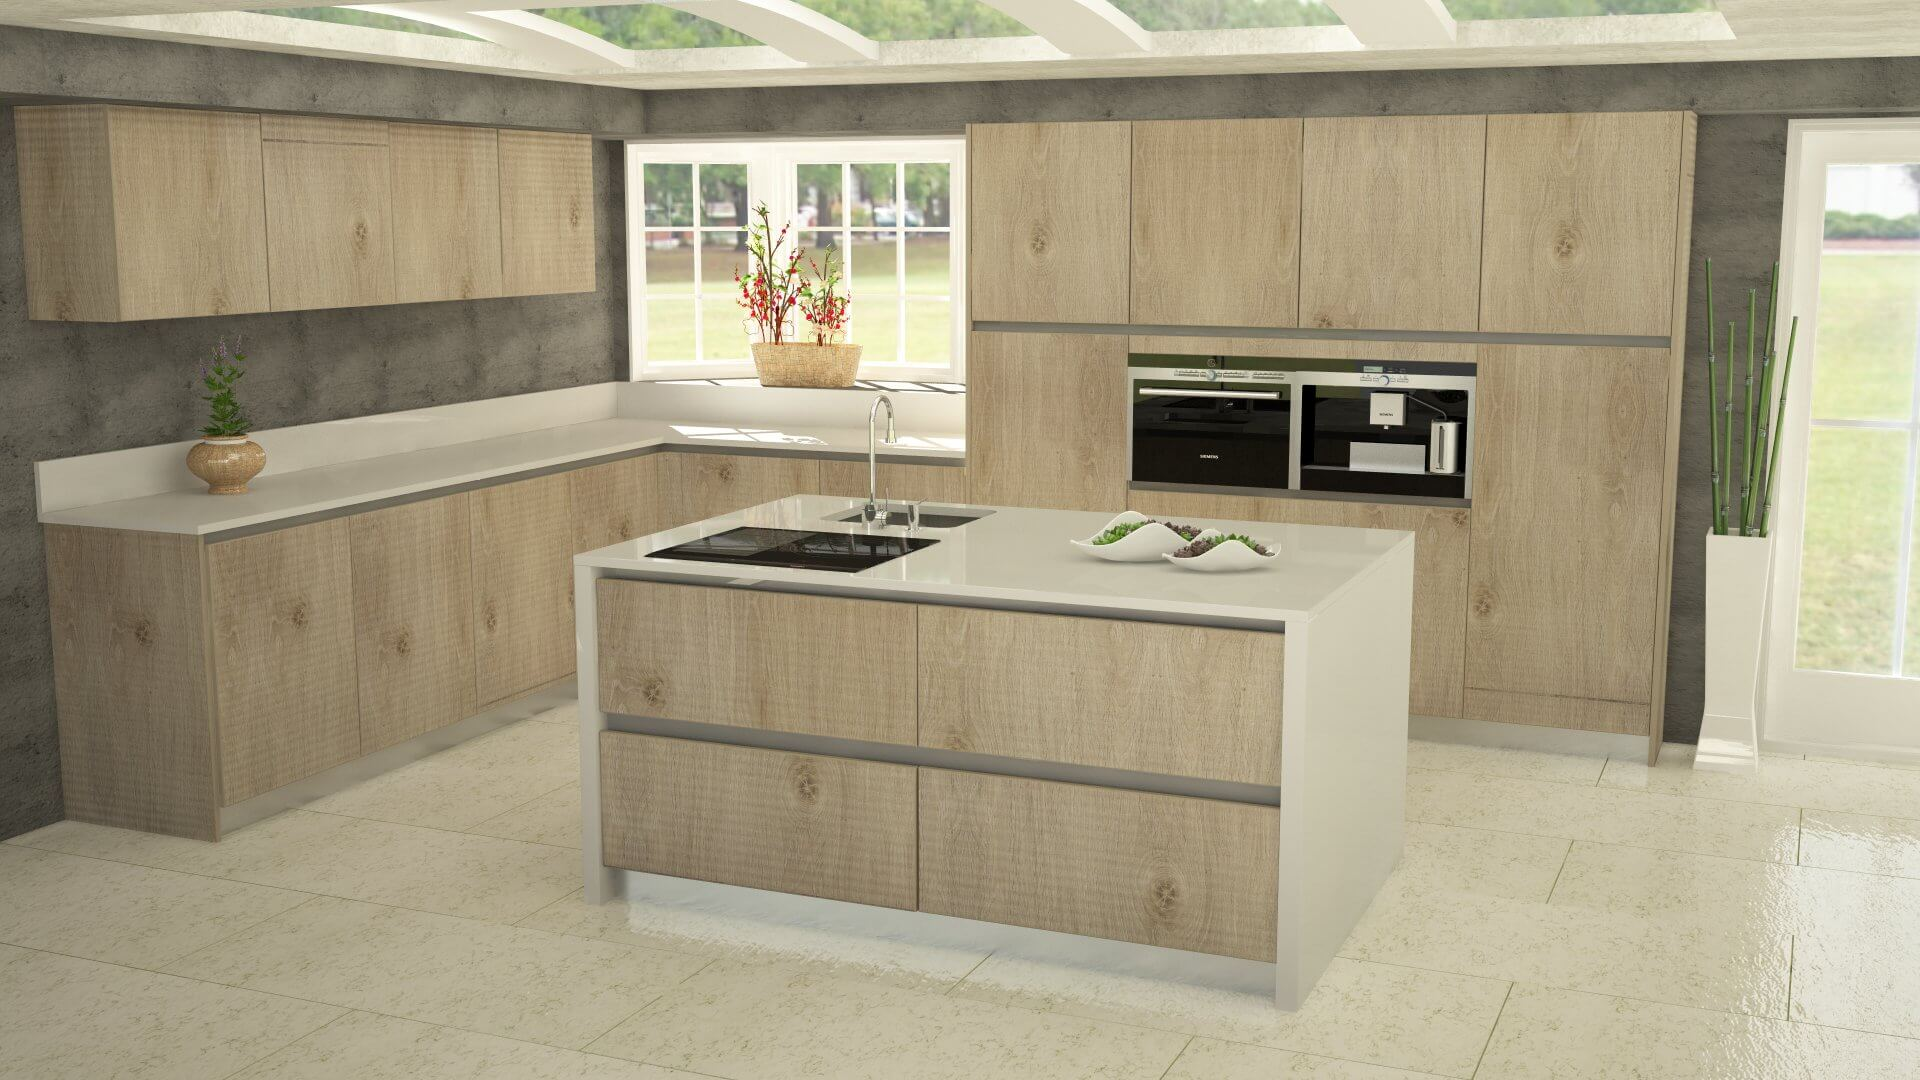 configurador de cocinas configurador cocinas ikea